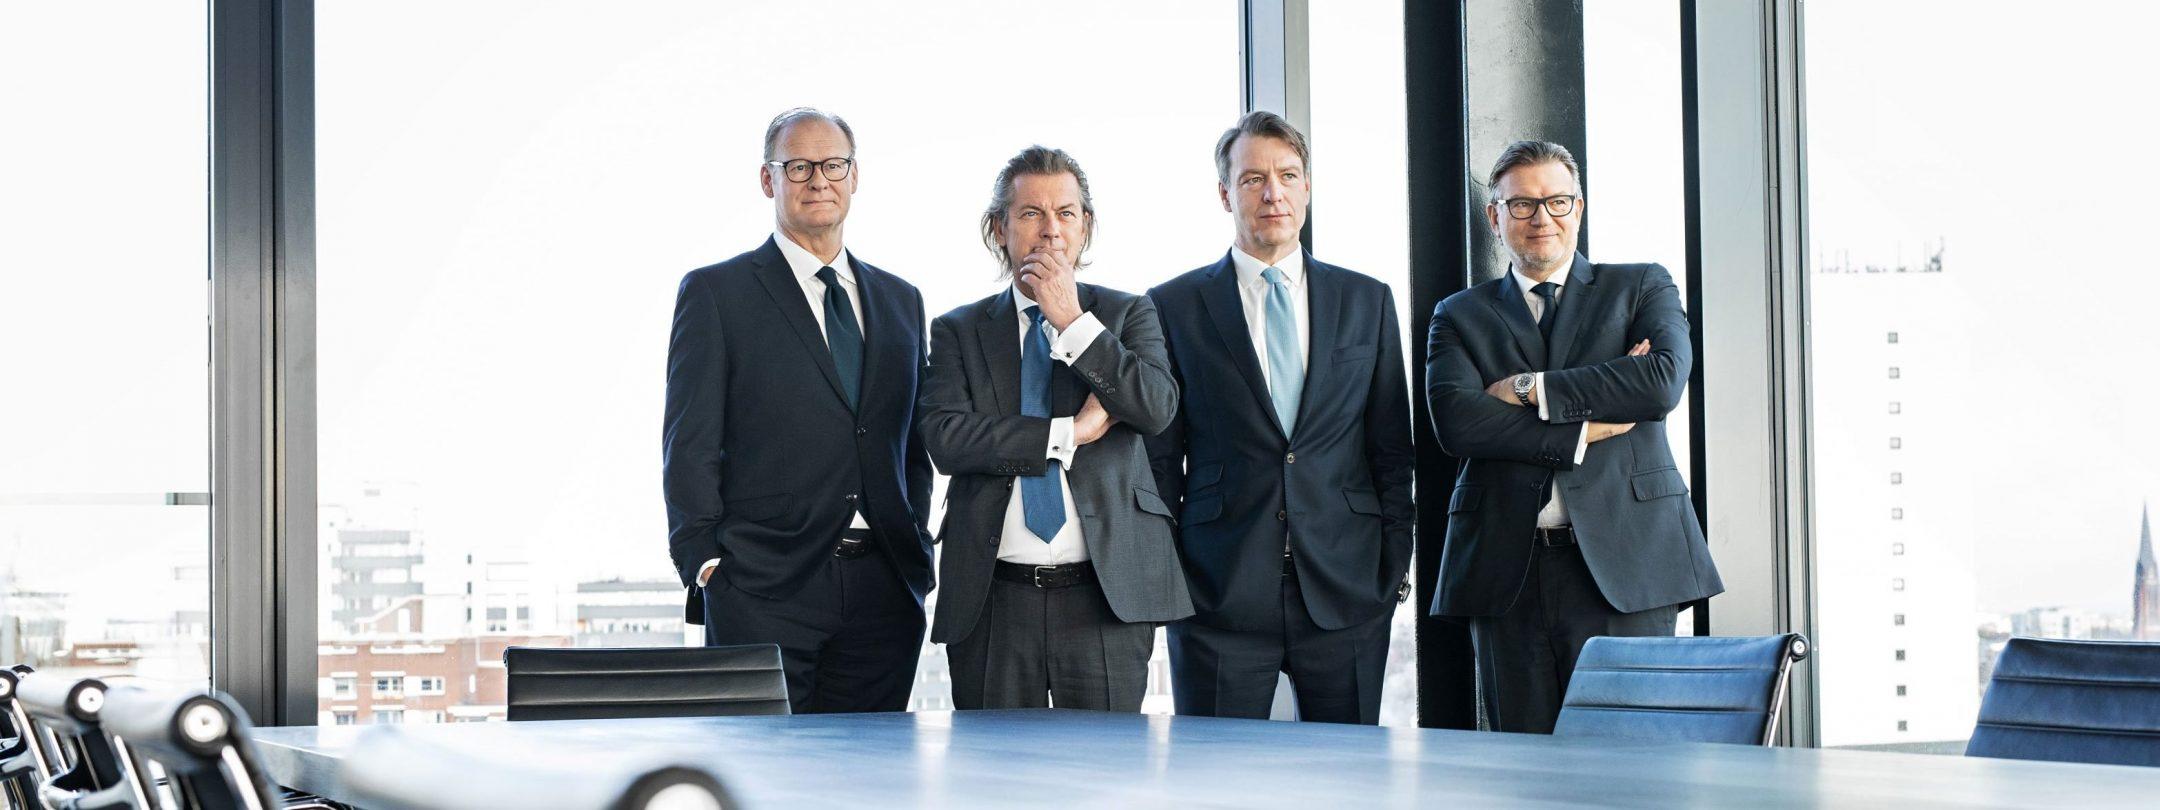 Gruppenbild der Paribus-Holding-Geschäftsführung